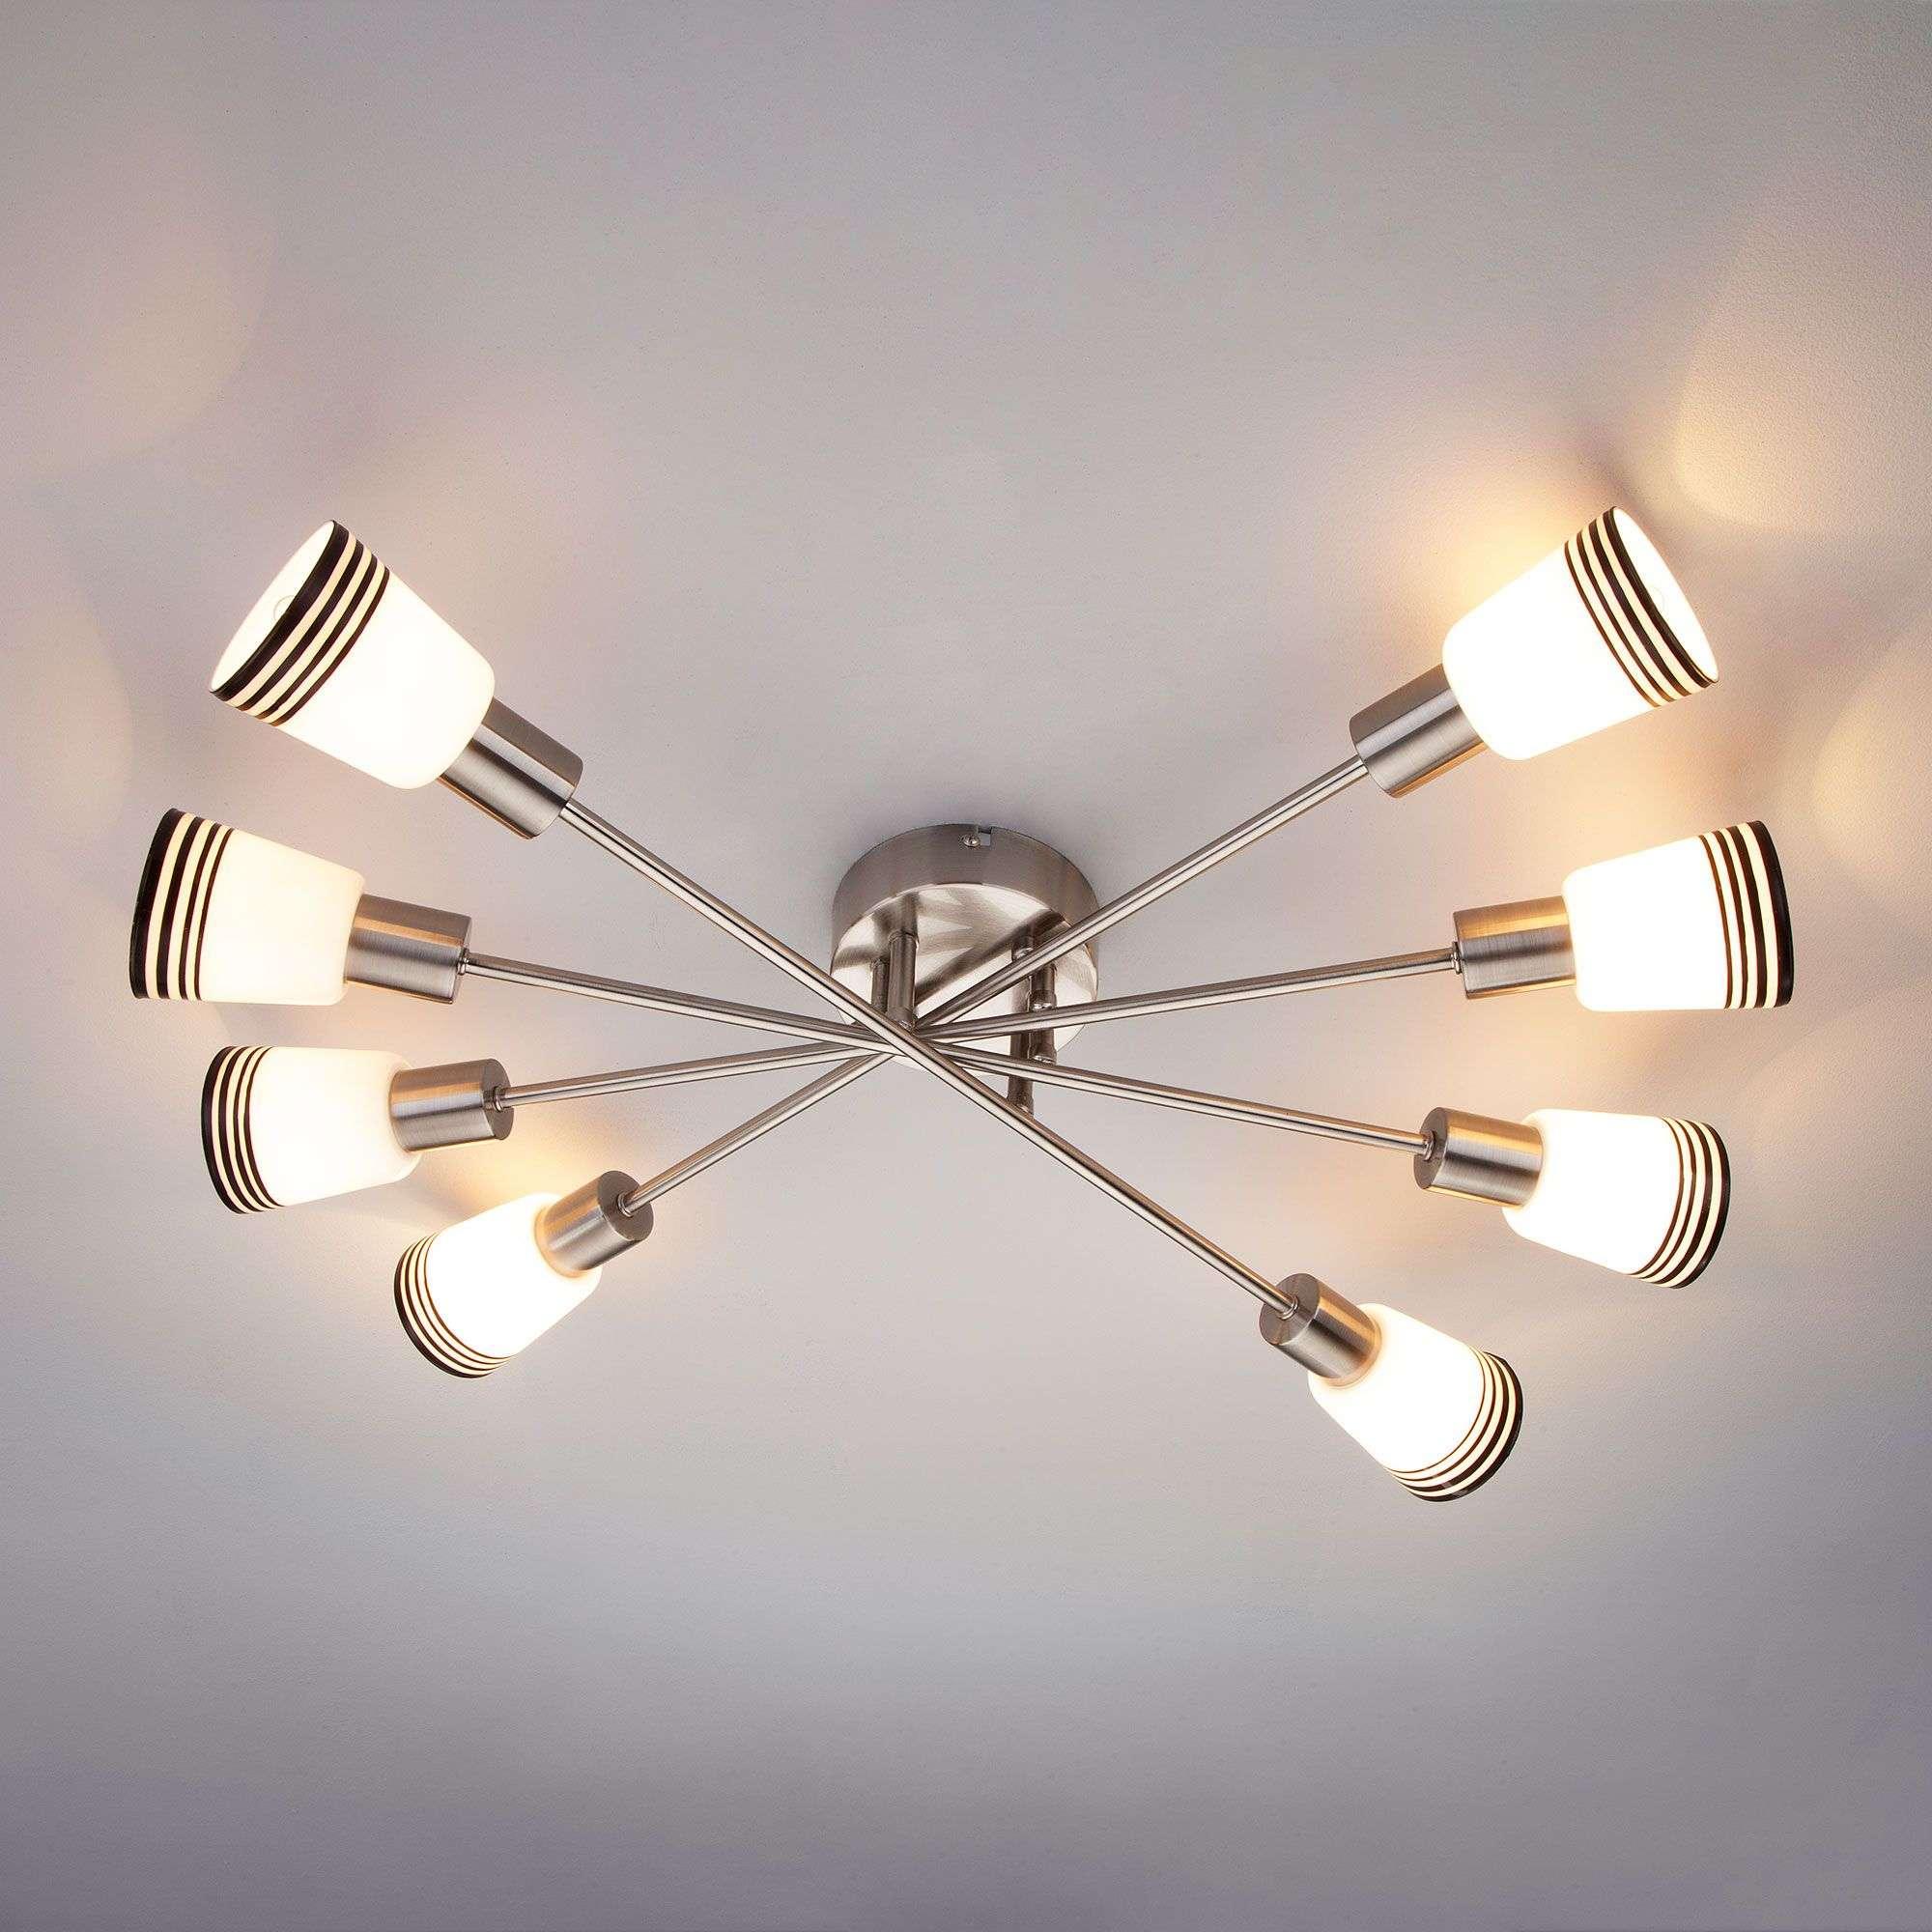 Потолочный светильник с плафонами 30132/8 сатин-никель